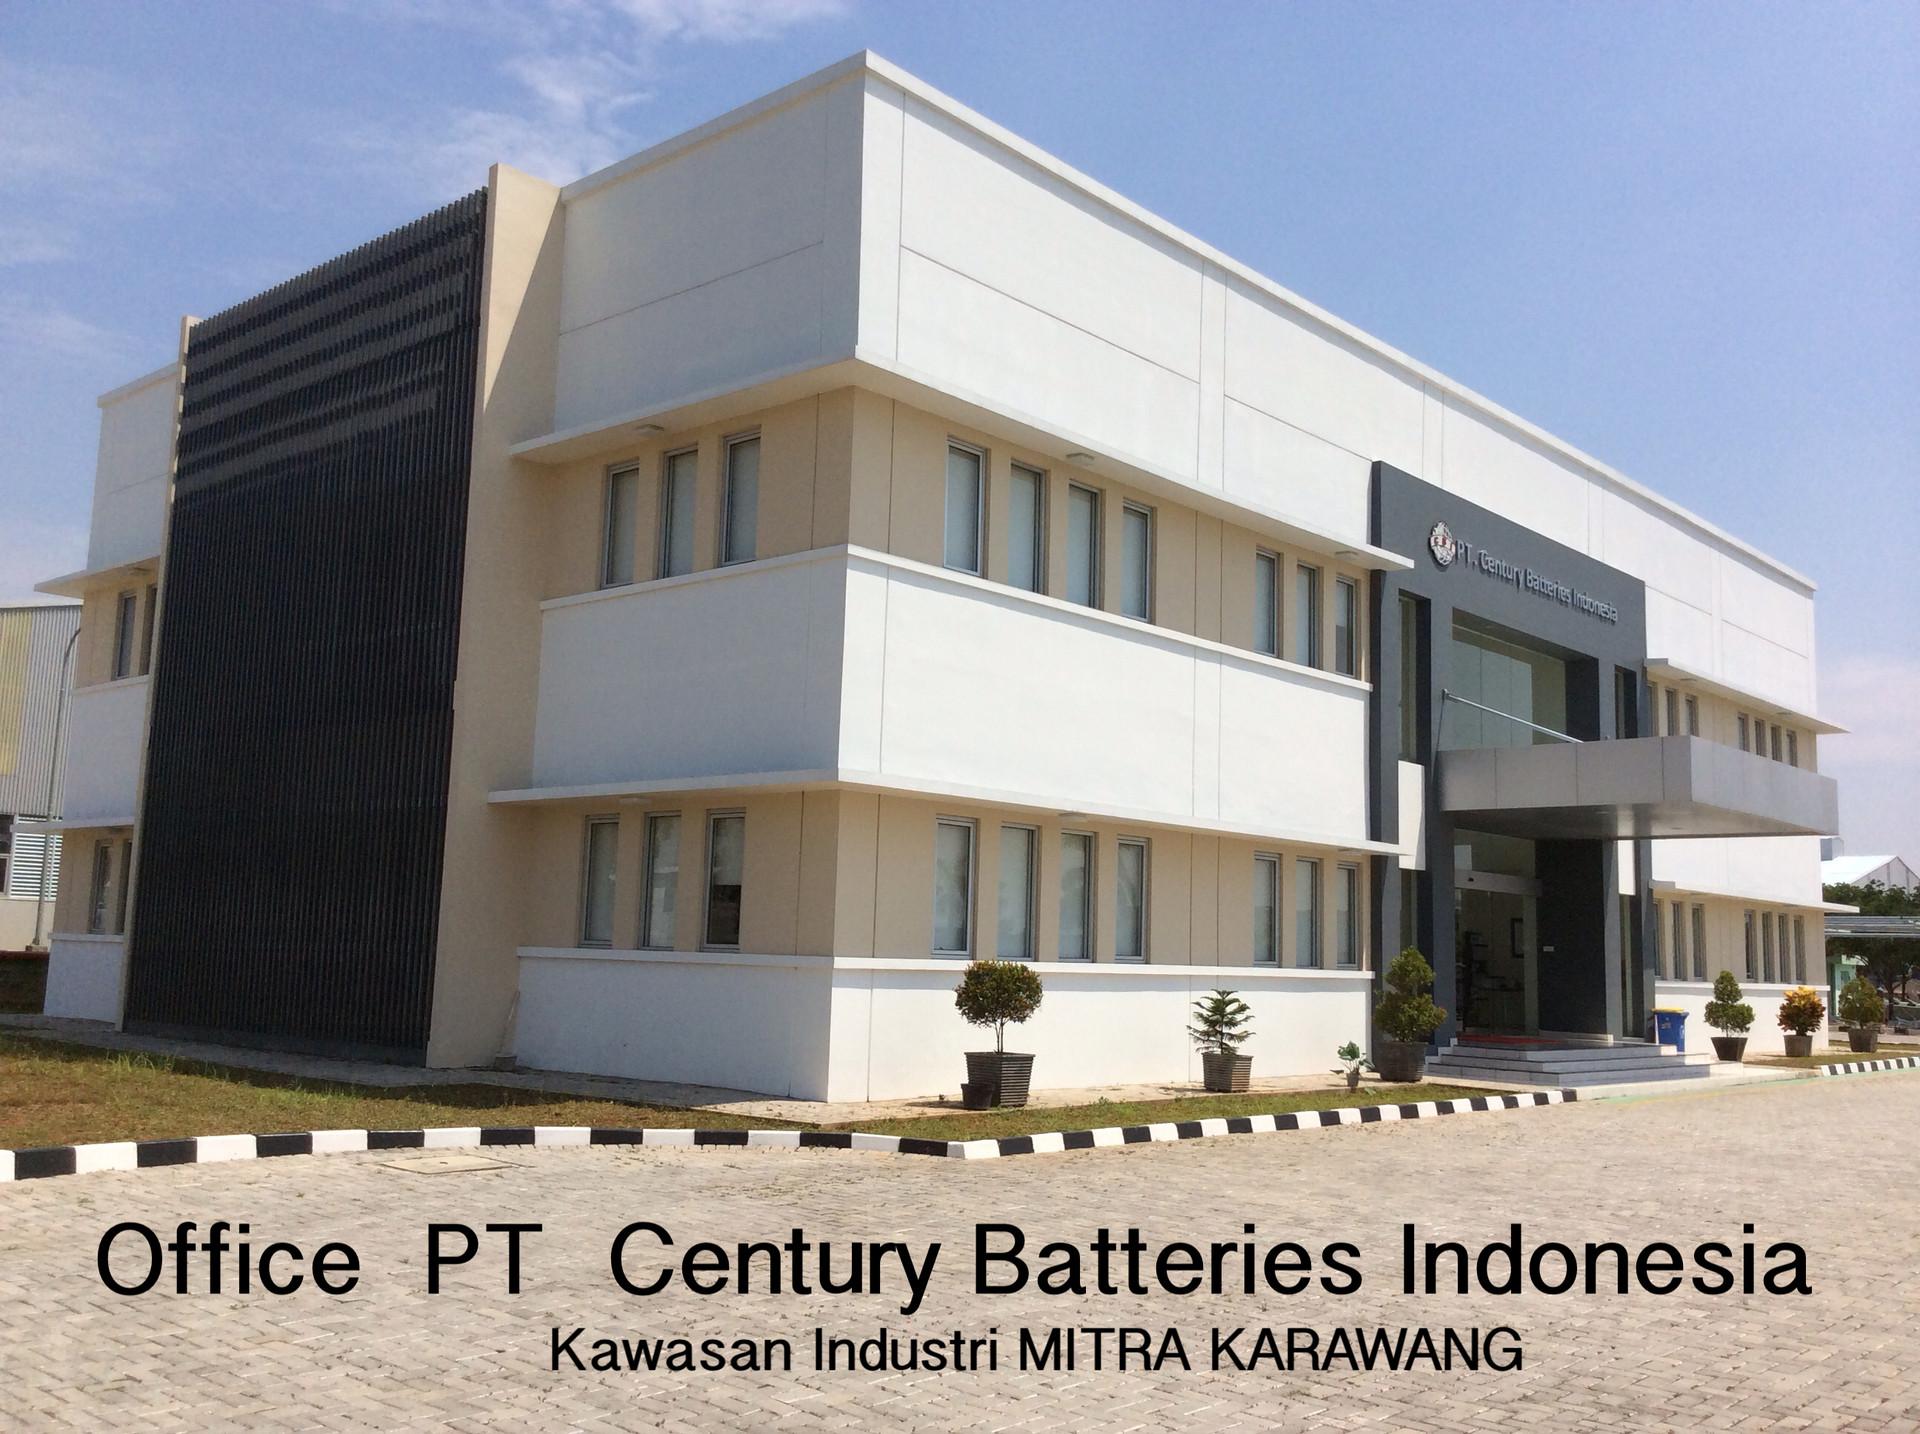 PT Century Batteries Indonesia